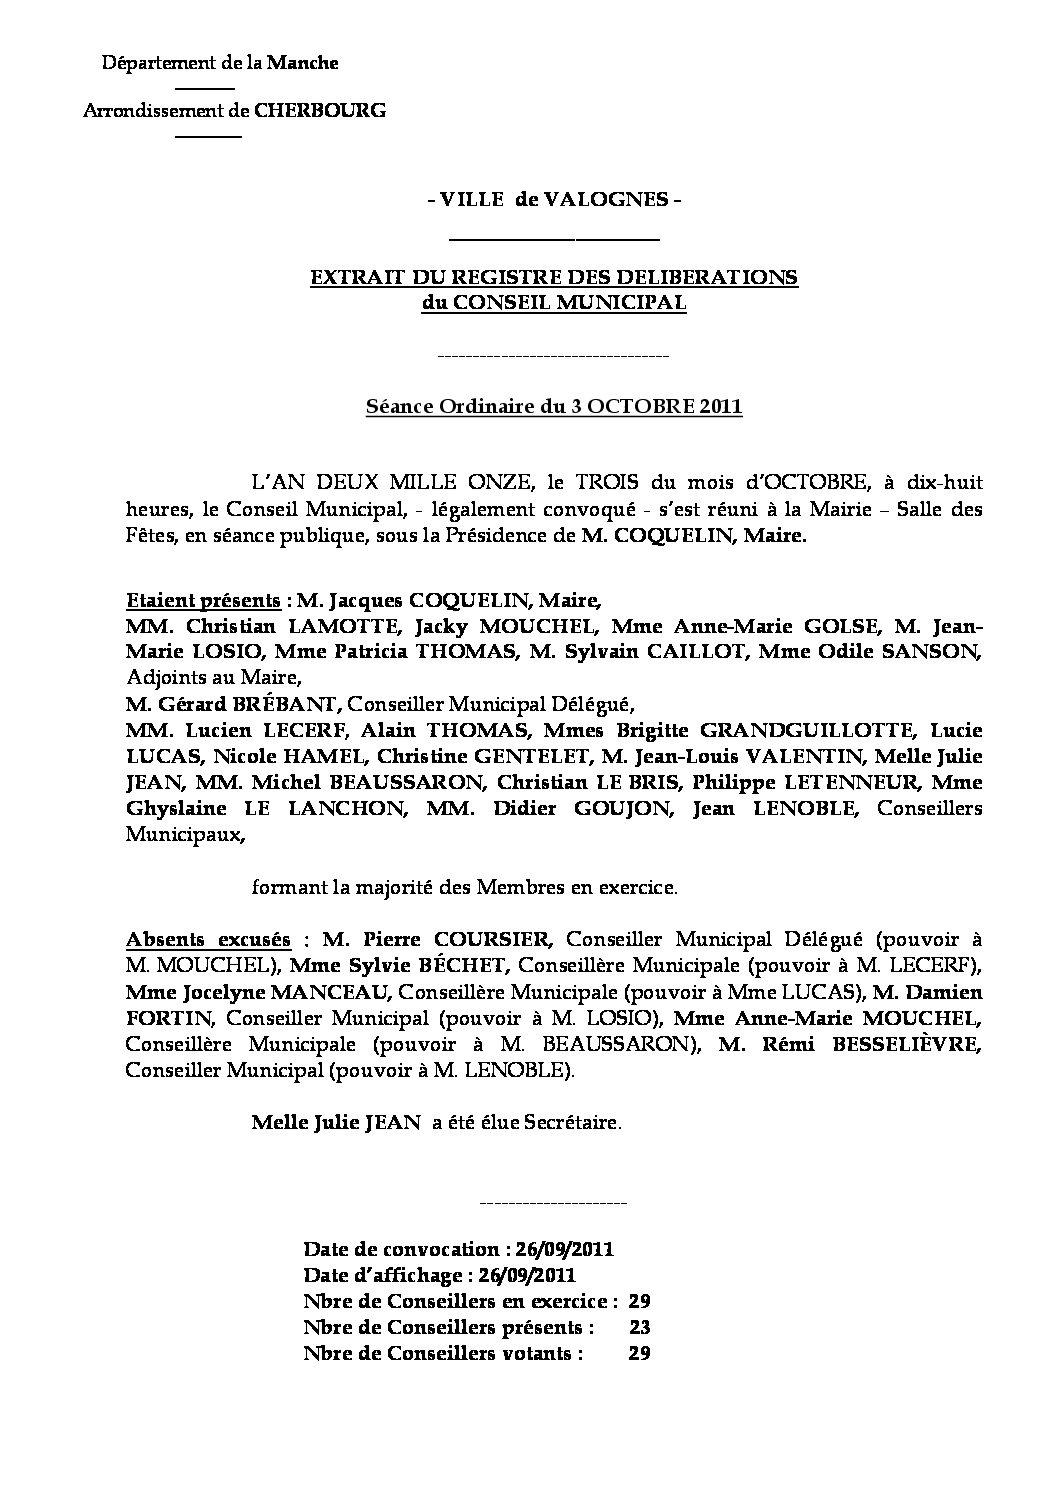 Extrait du registre des délibérations du 03-10-2011 - Compte rendu des questions soumises à délibération lors de la réunion du Conseil Municipal du lundi 3 octobre.